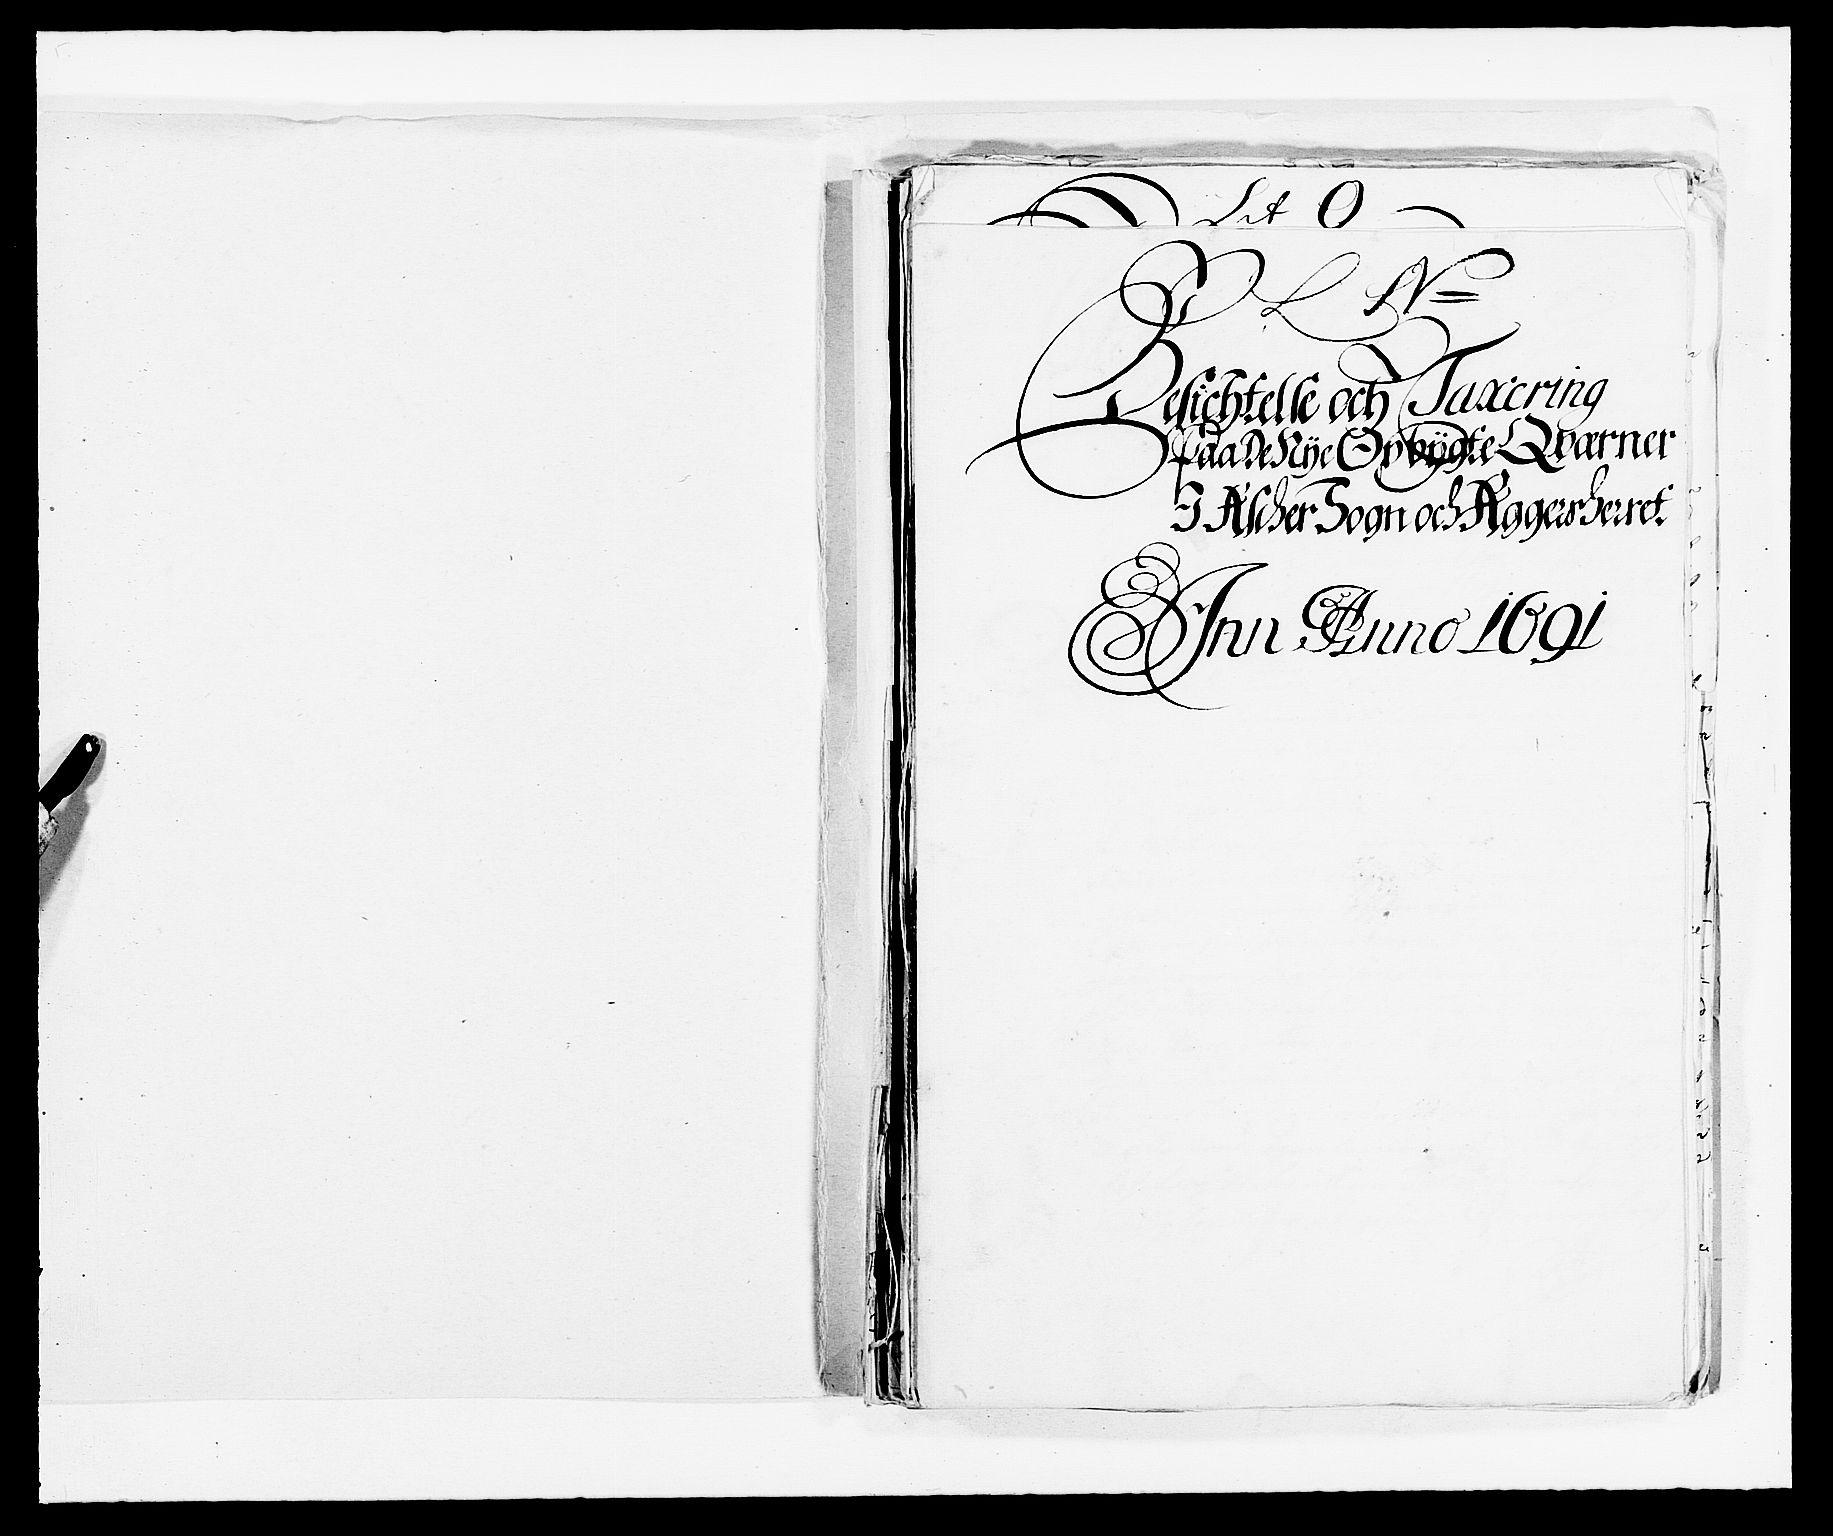 RA, Rentekammeret inntil 1814, Reviderte regnskaper, Fogderegnskap, R08/L0423: Fogderegnskap Aker, 1687-1689, s. 262